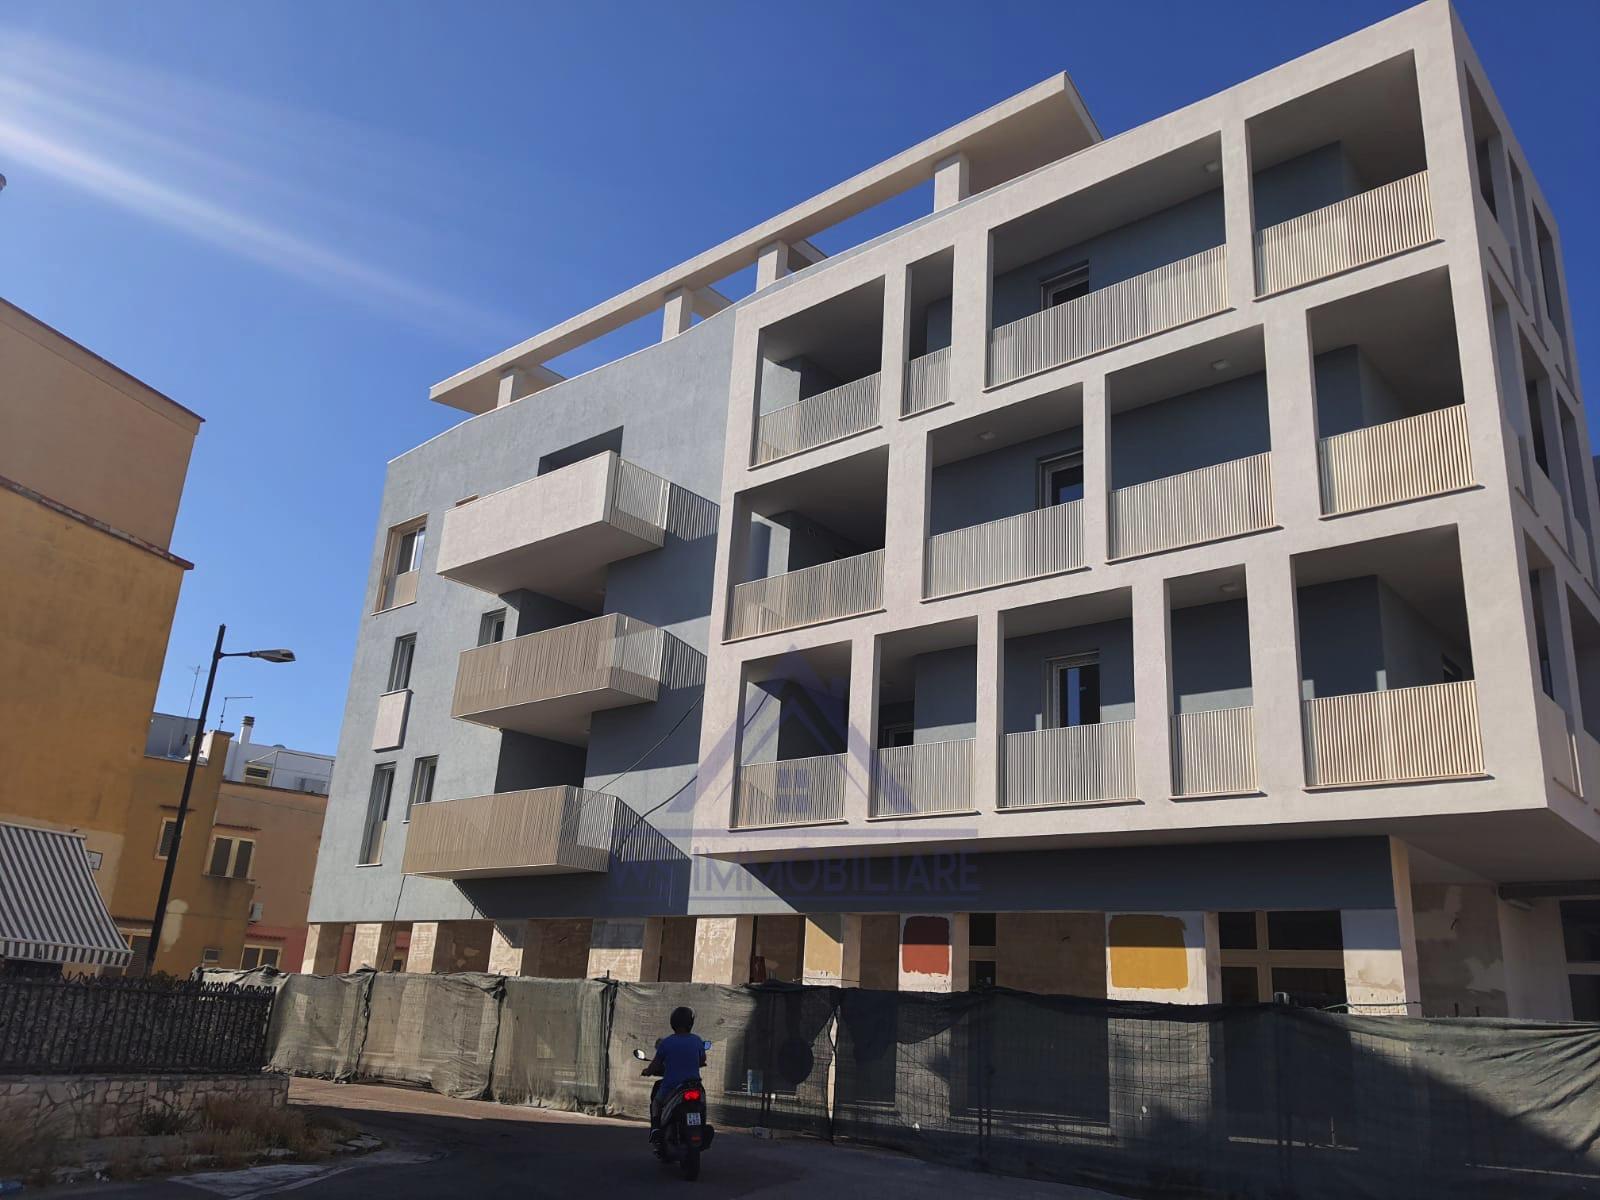 Attico di nuova costruzione in zona centrale VISTA MARE